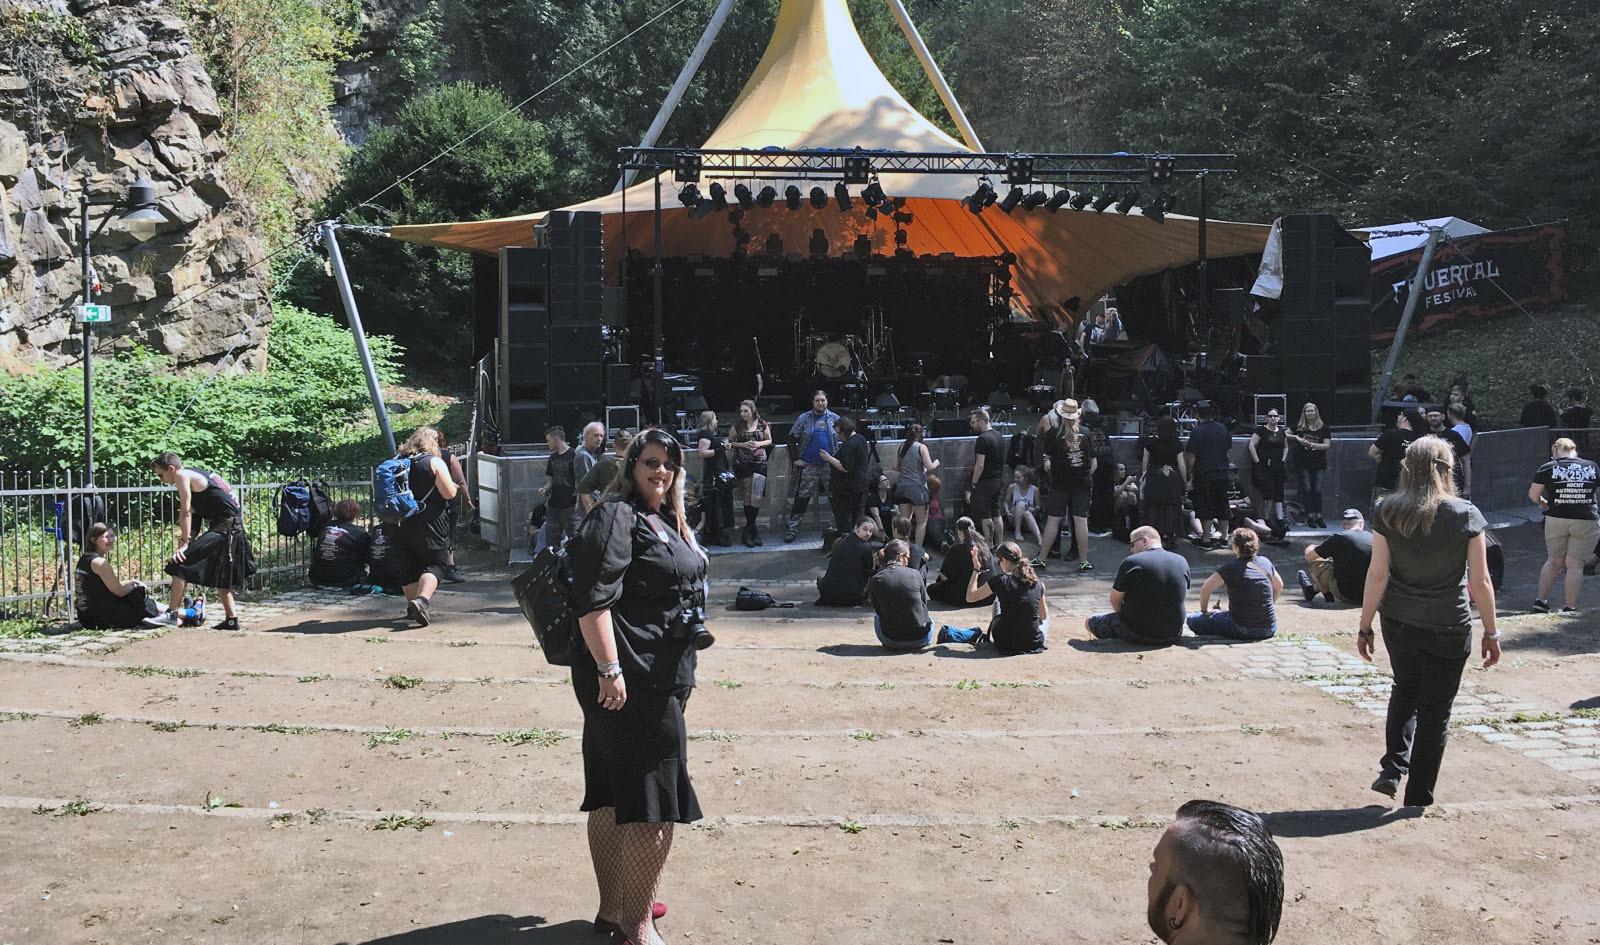 Brina vor der Bühne